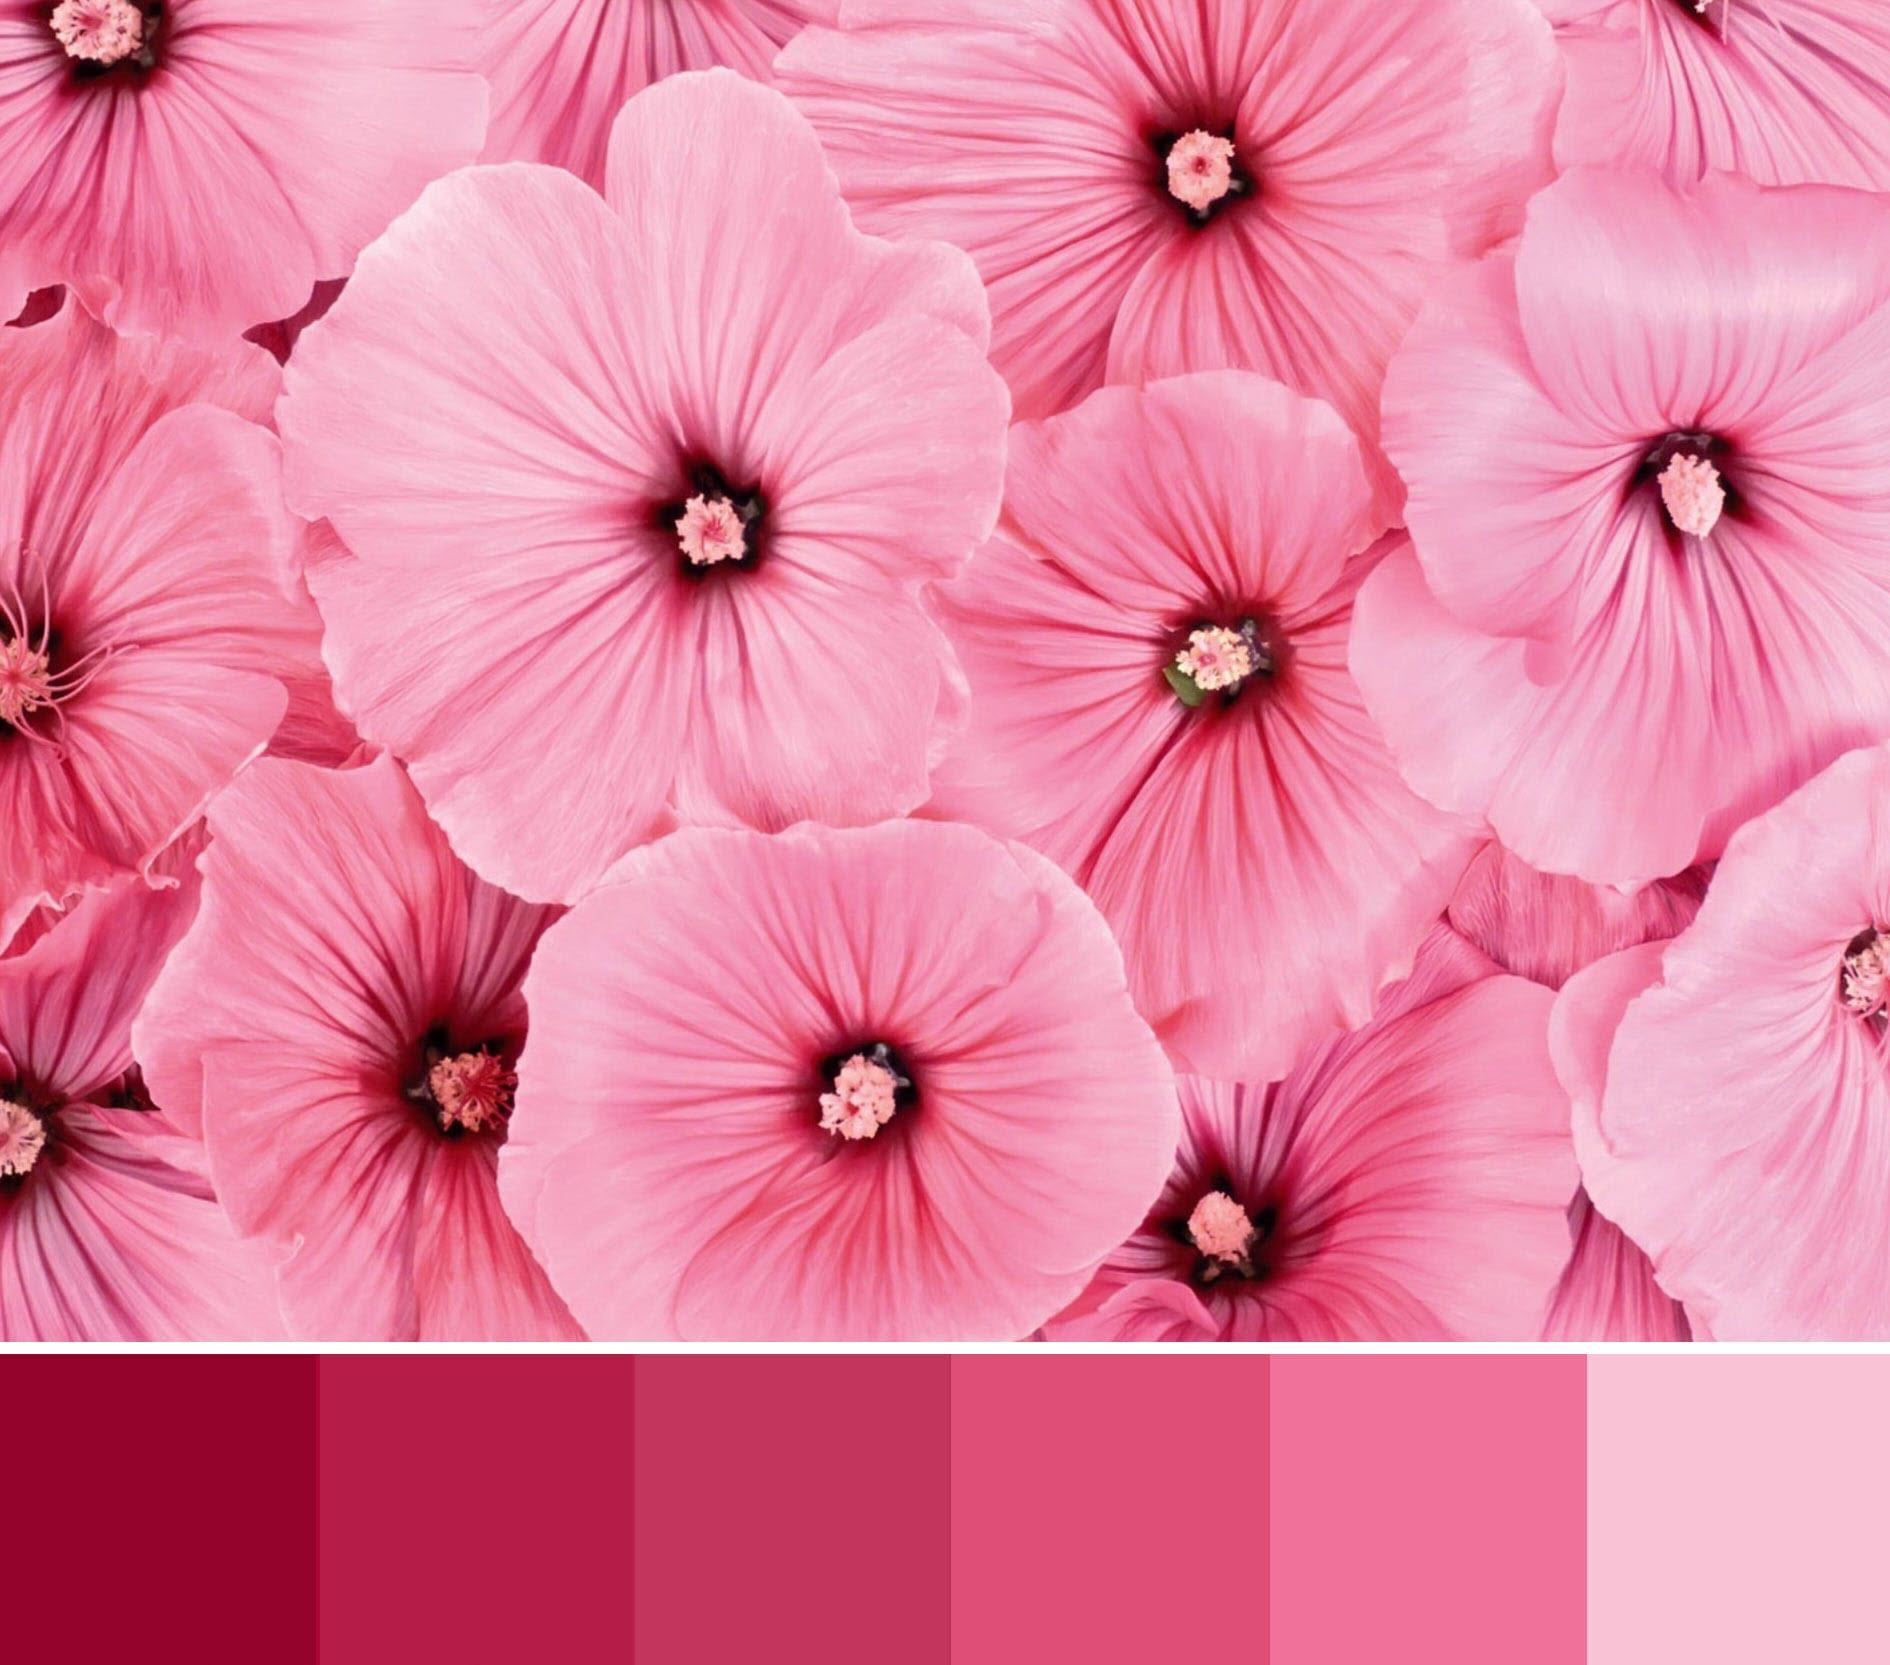 چگونگی و دلیل انتخاب رنگ سال